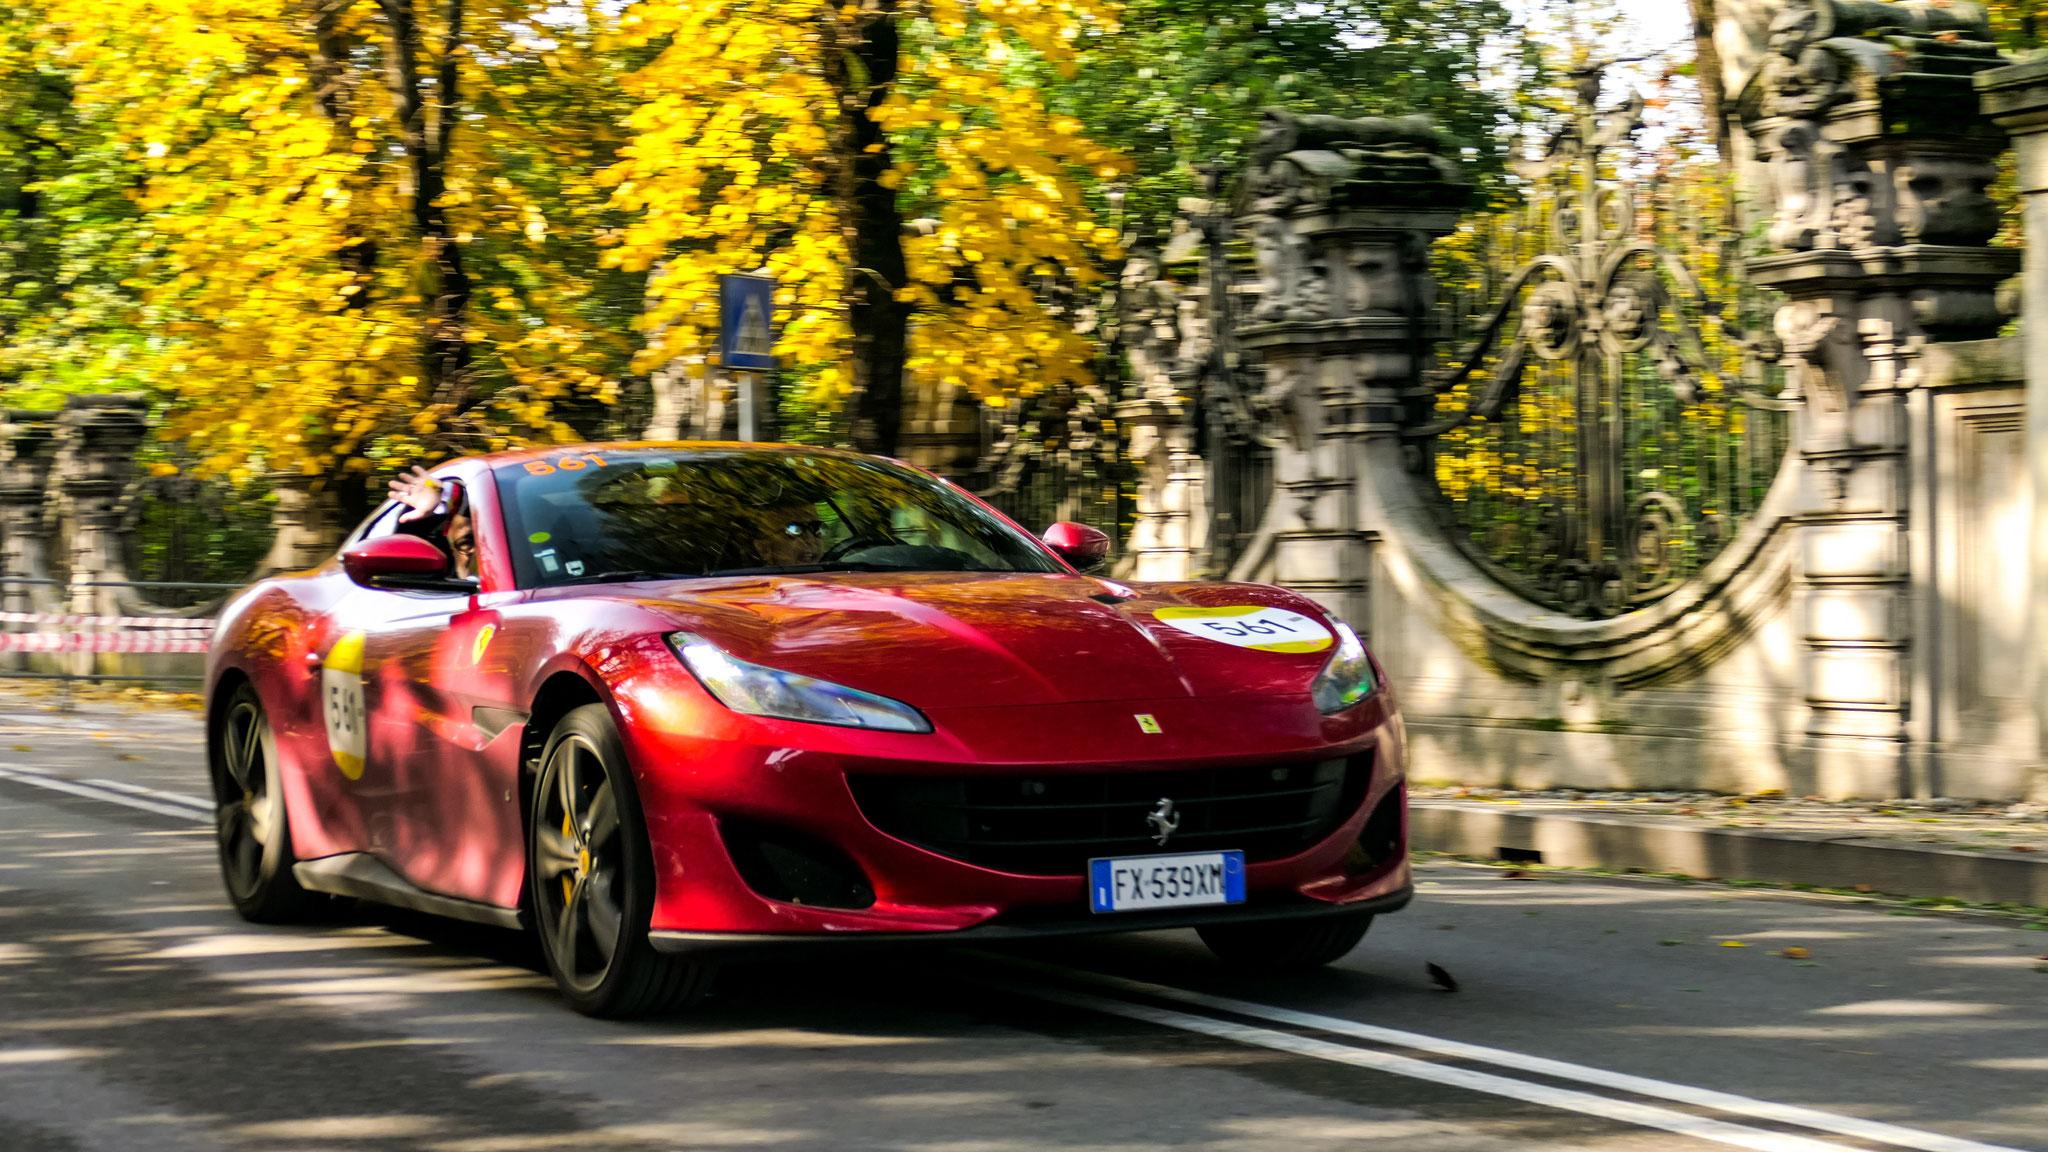 Ferrari Portofino - FX-539-XM (ITA)